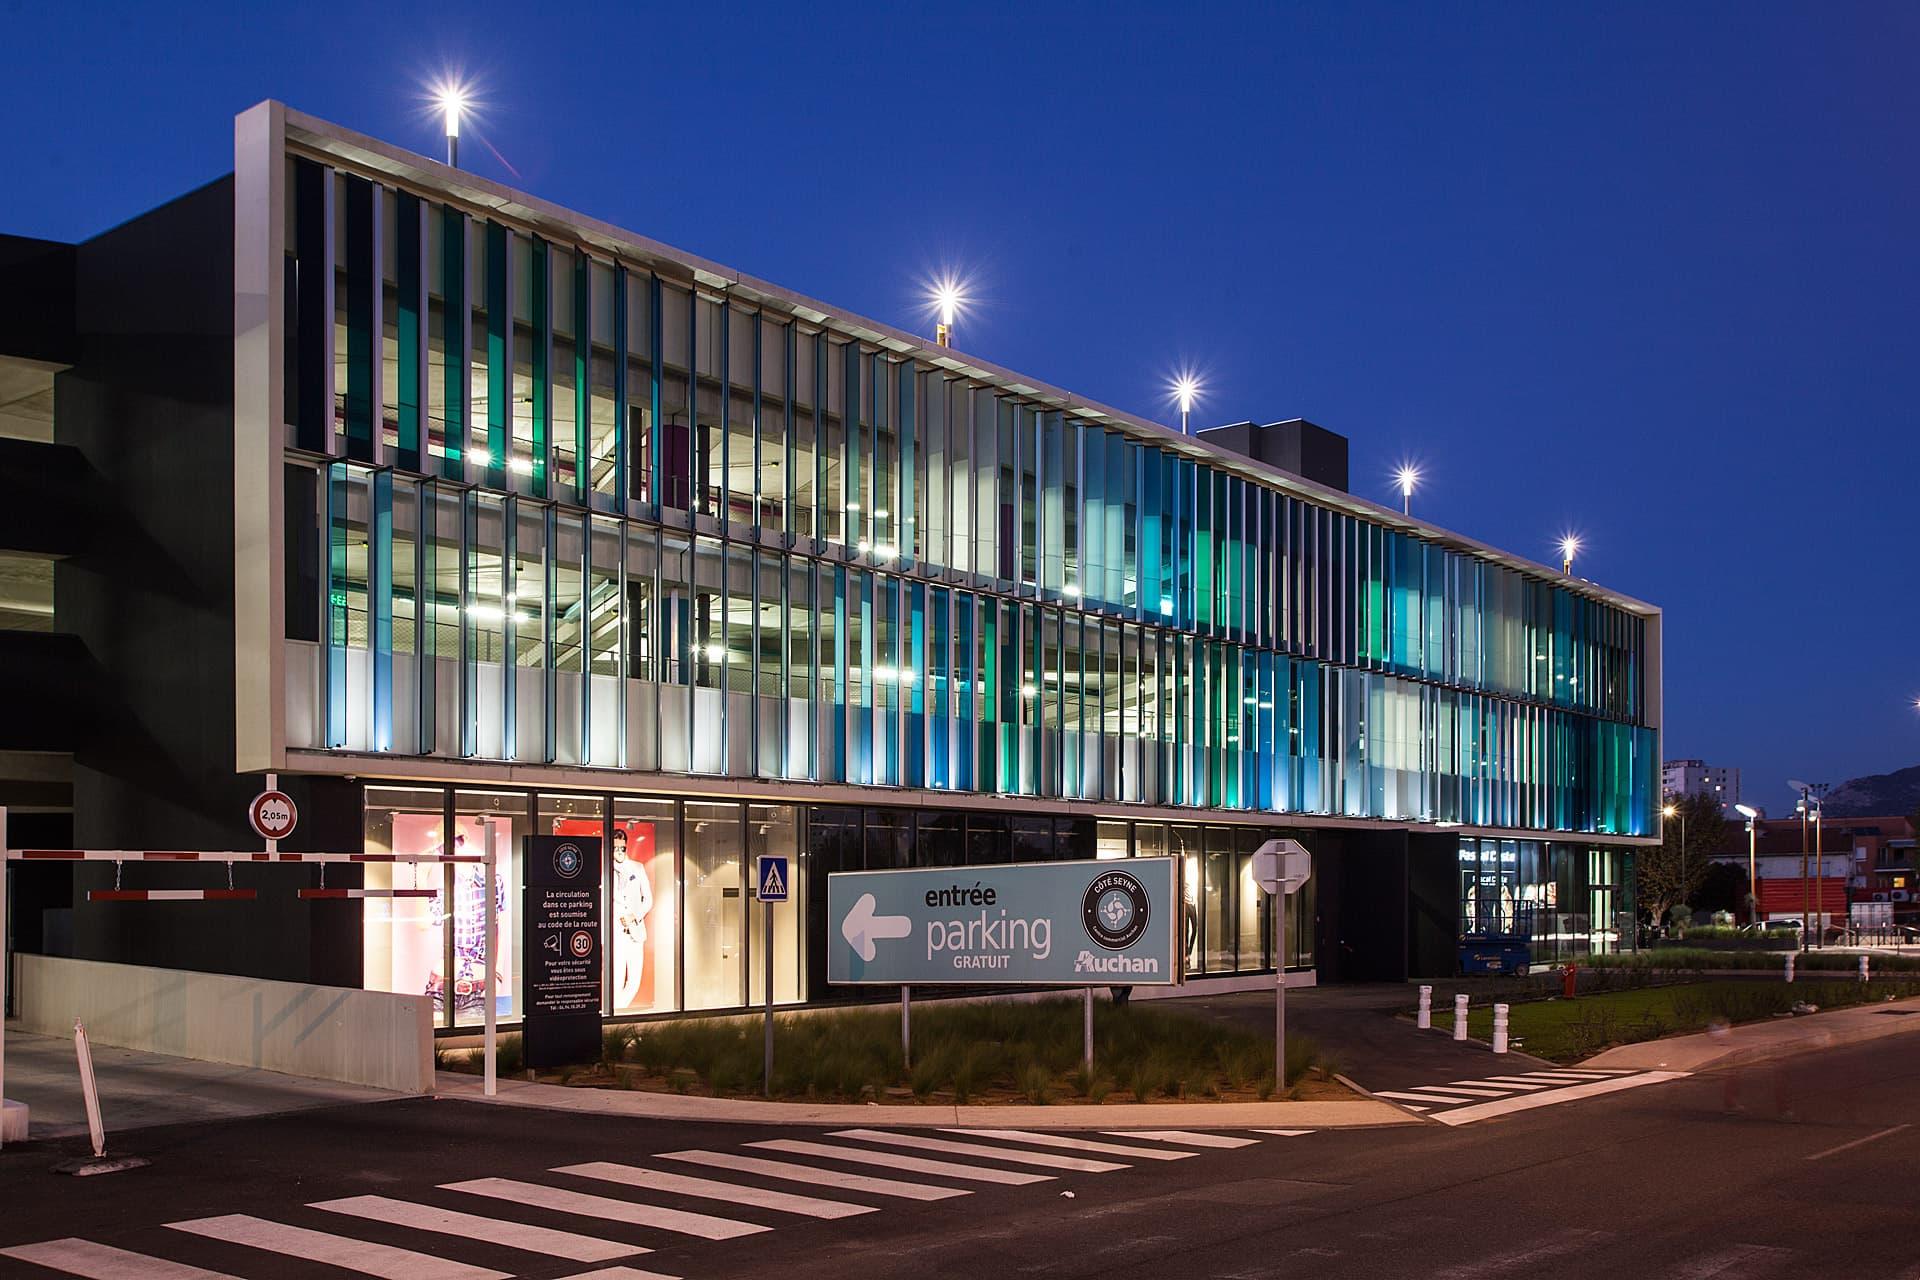 Eclairage extérieur du centre commerciale Auchan La seyne sur mer